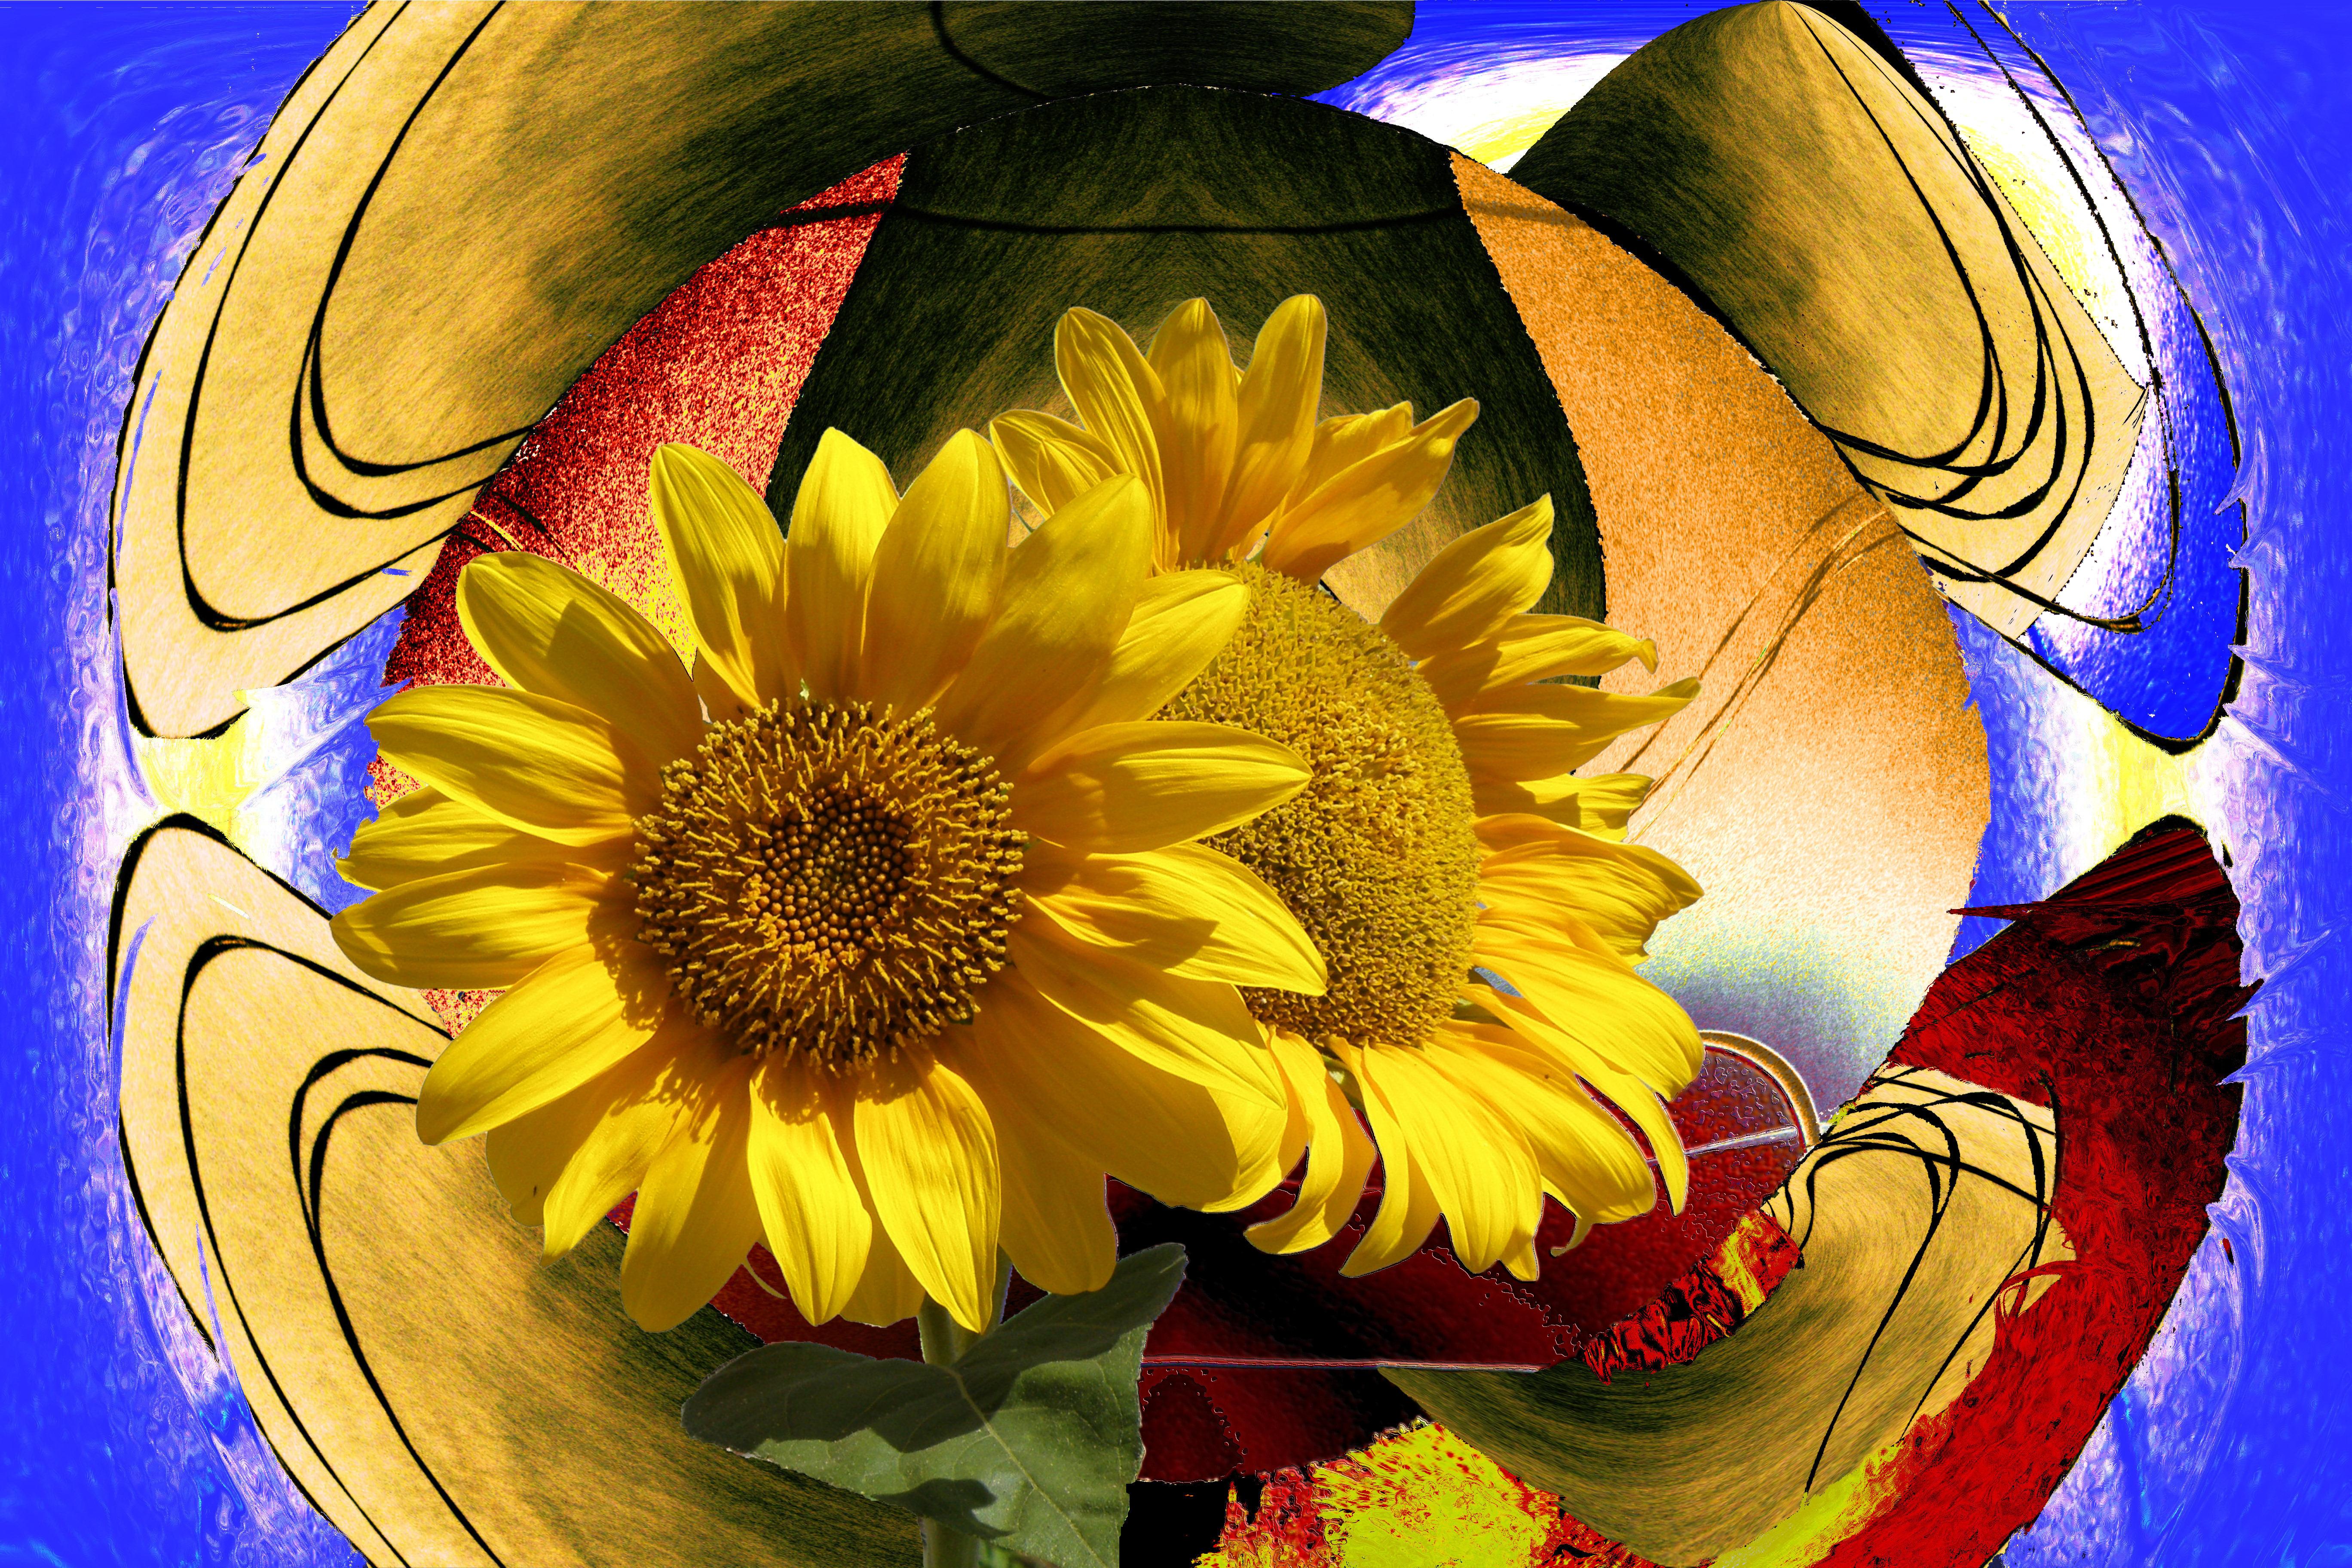 Wallpaper : symmetry, yellow, blue, petals, texture, light, golden